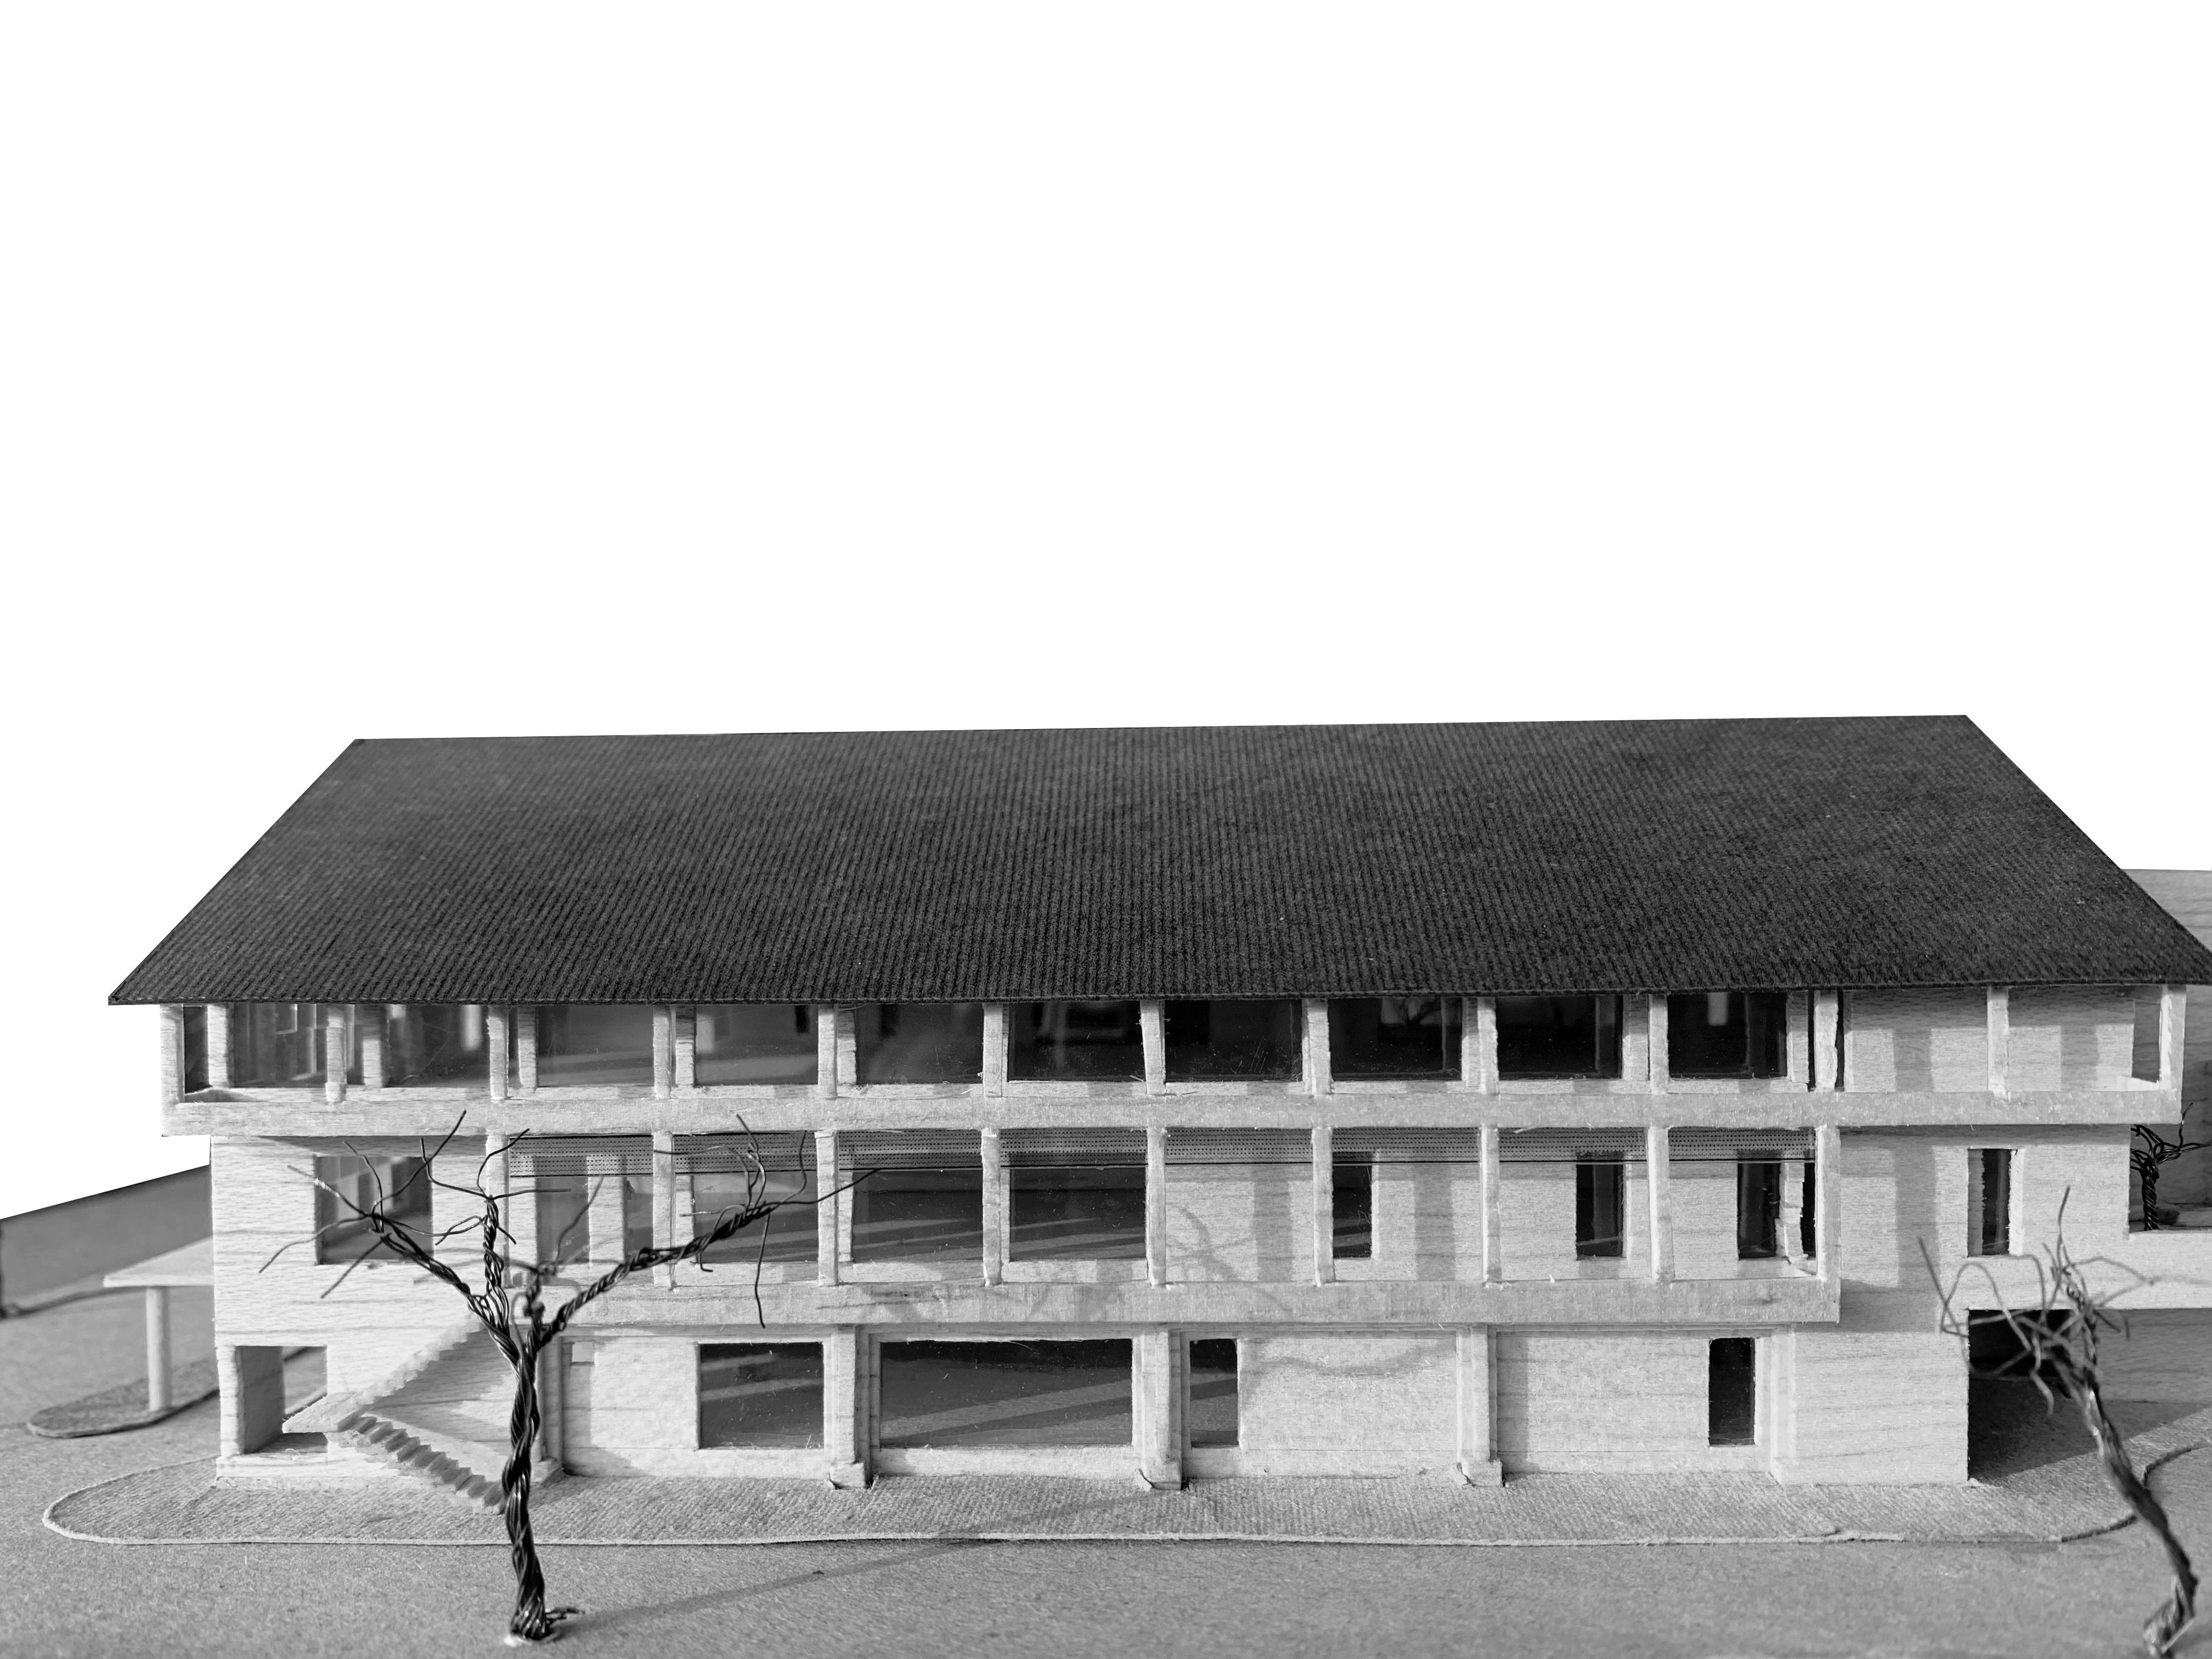 rural hospital design